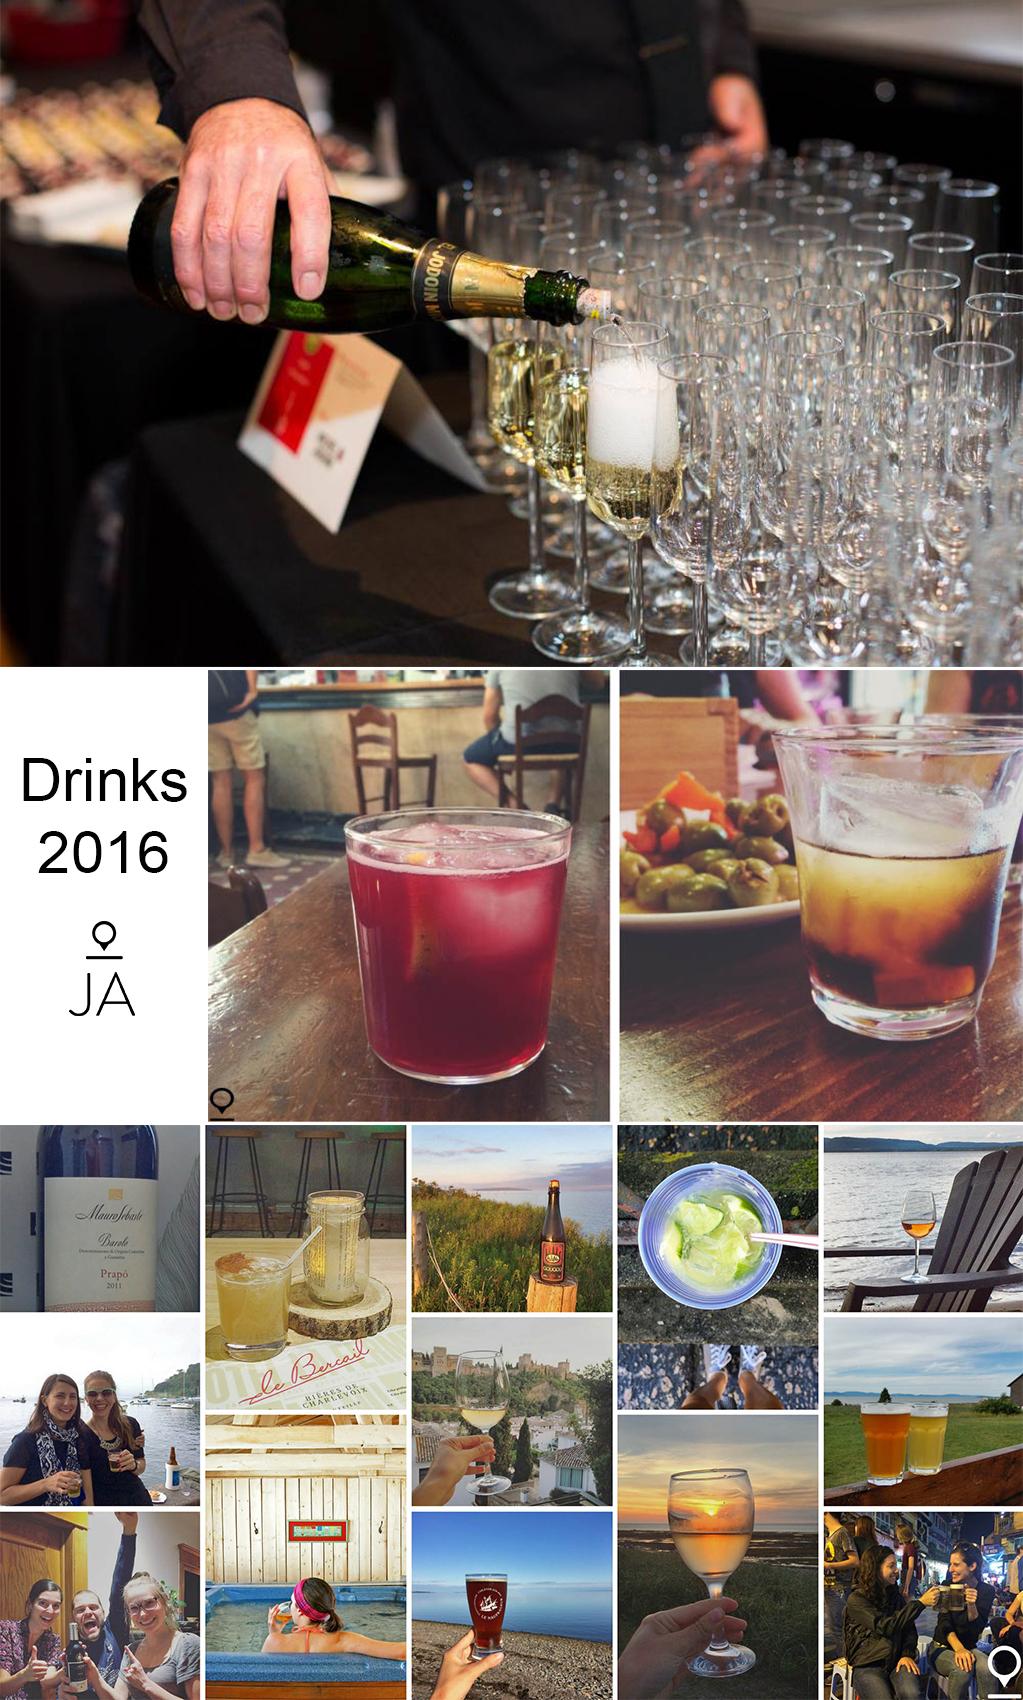 drinks-2016-vf-hr